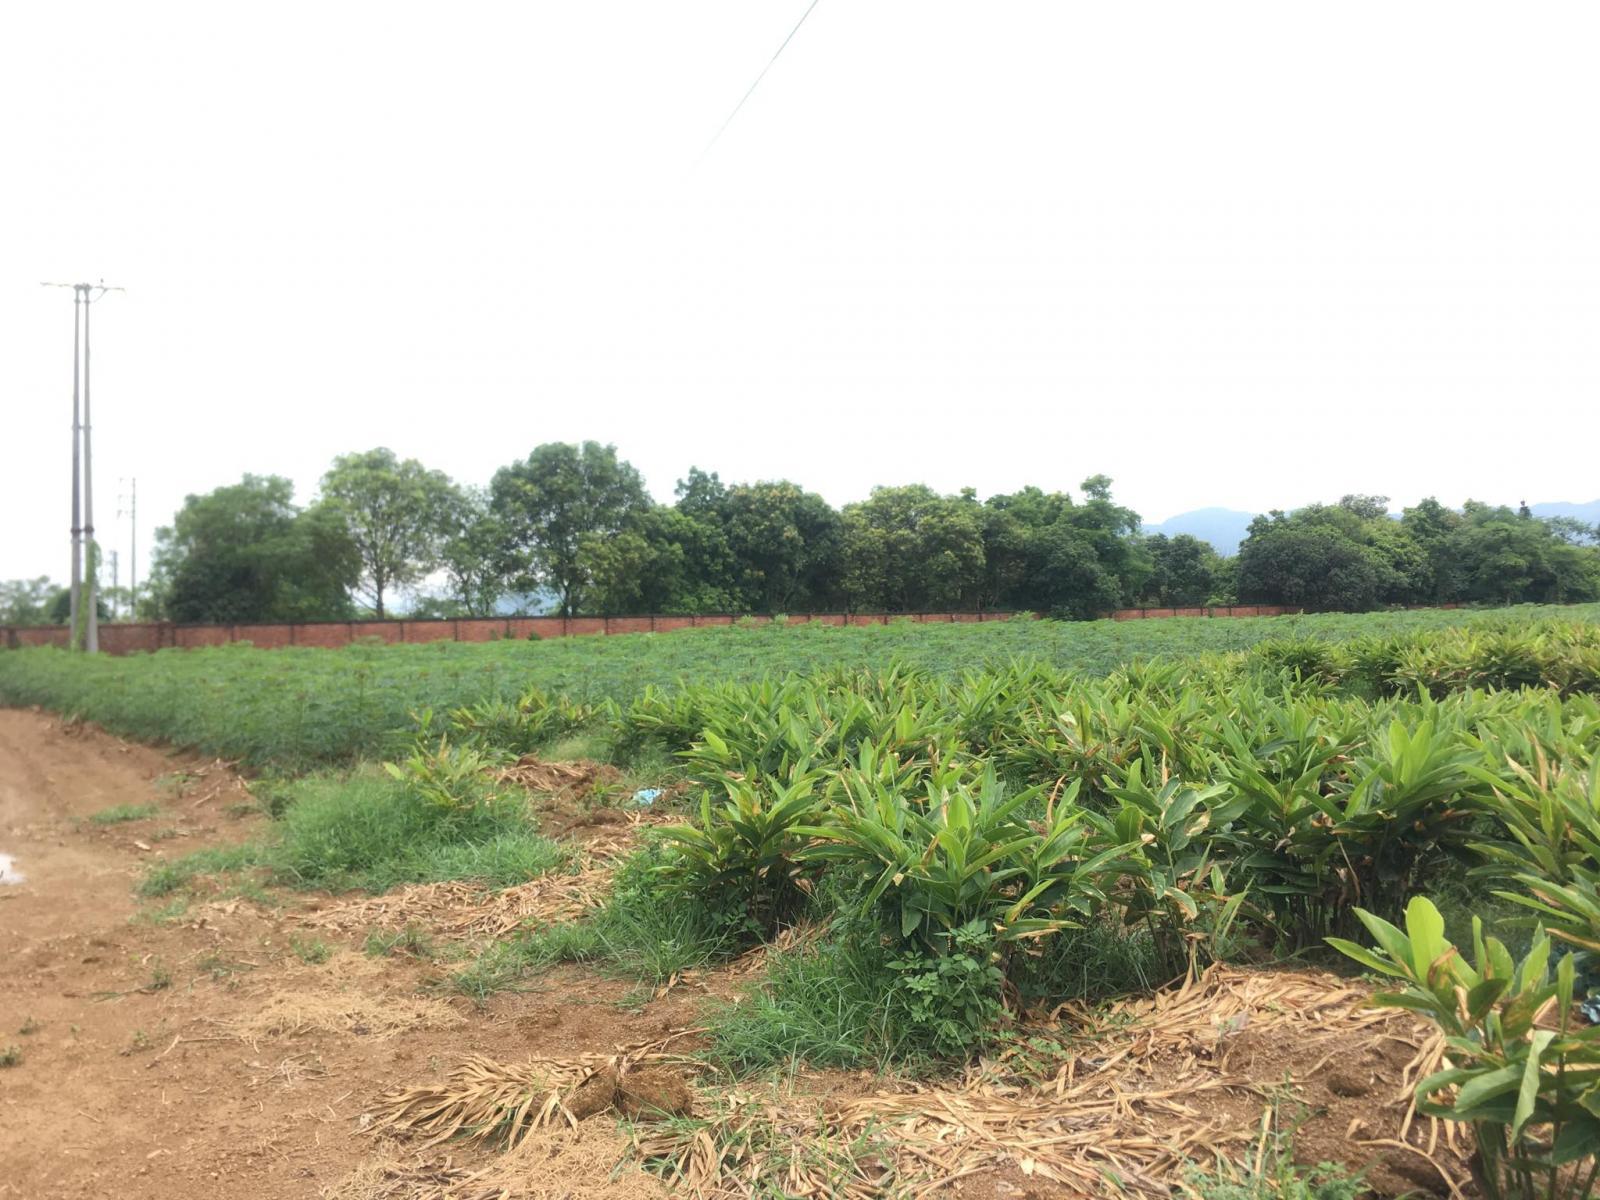 đất nông nghiệp tại Quốc Oai